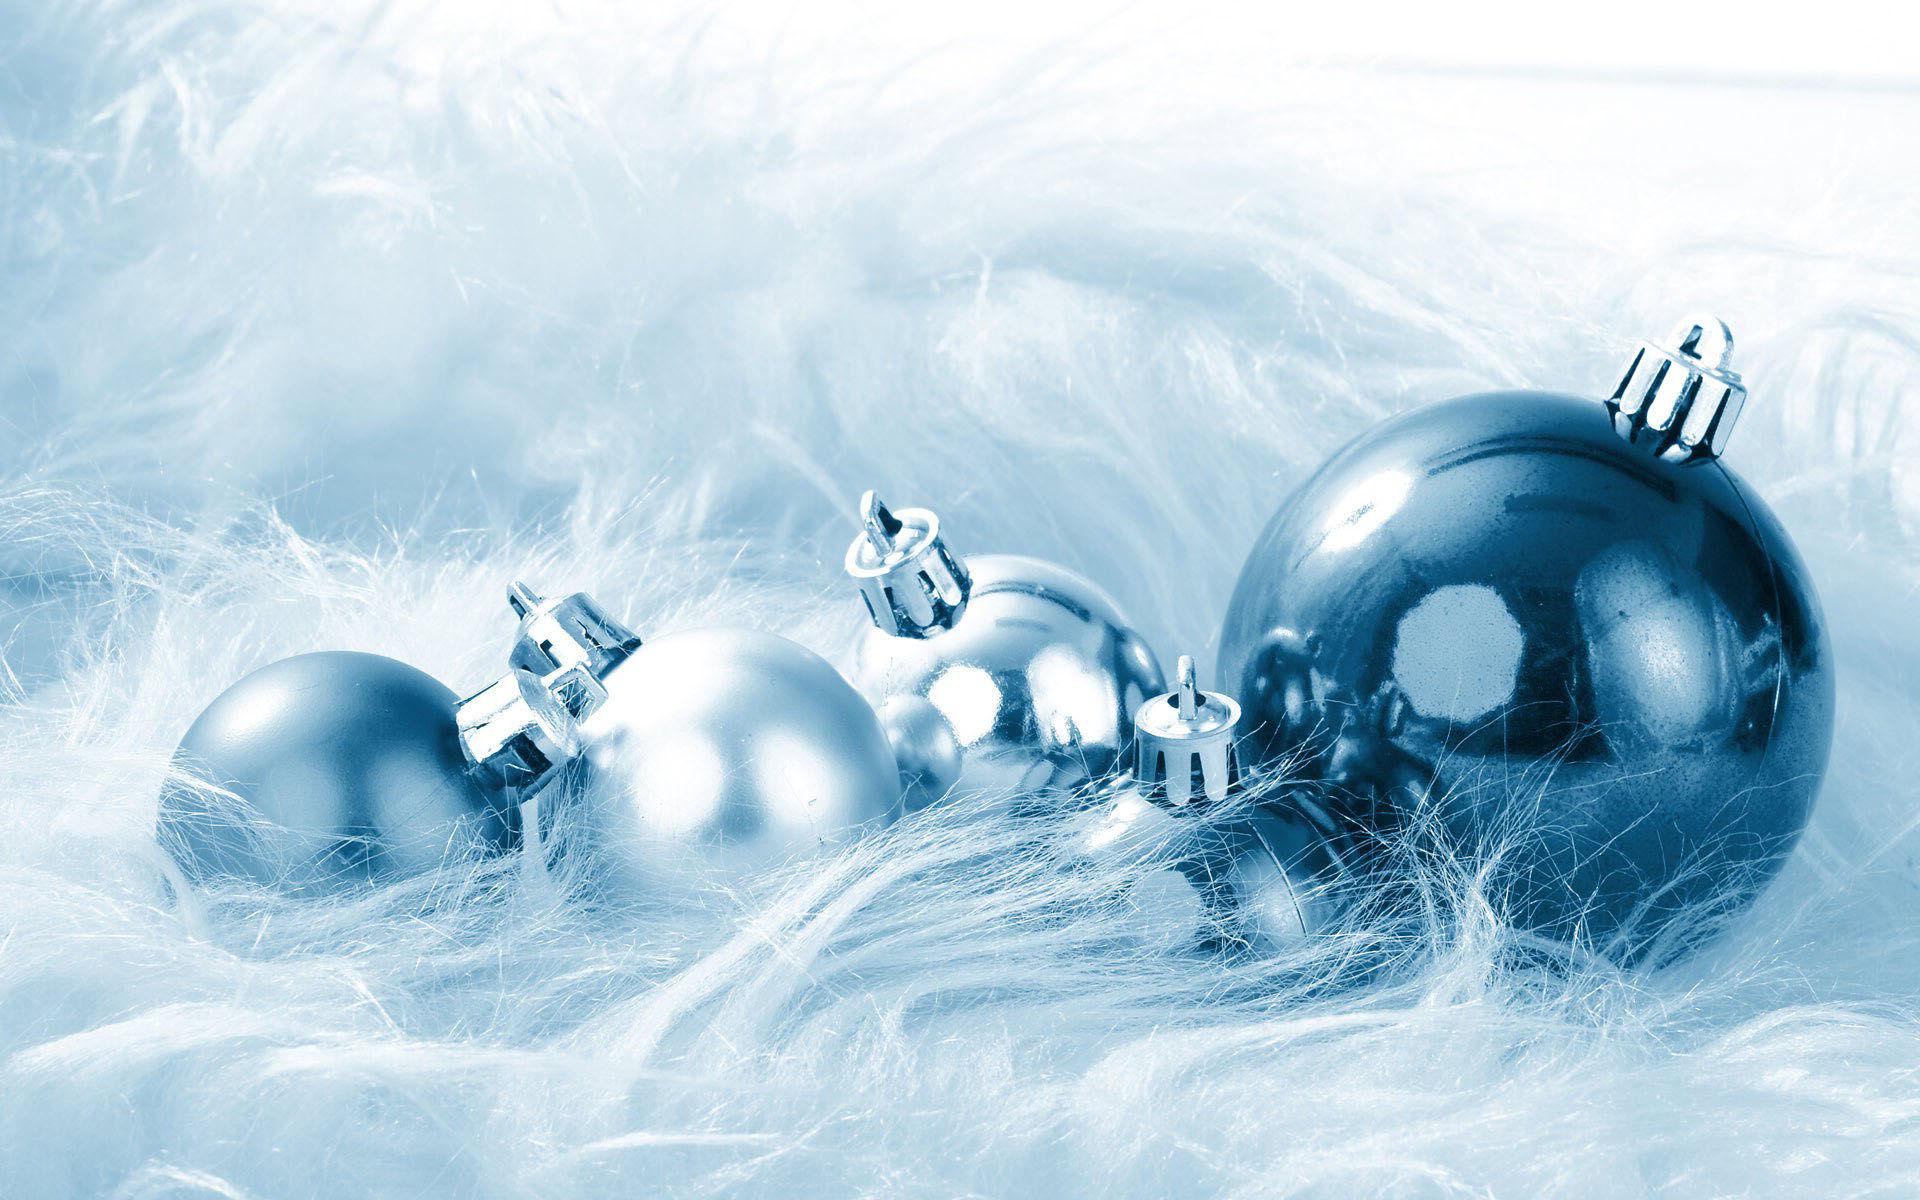 Fonds ecran noel boules 12 toussus net for Fond ecran gratuit hiver noel